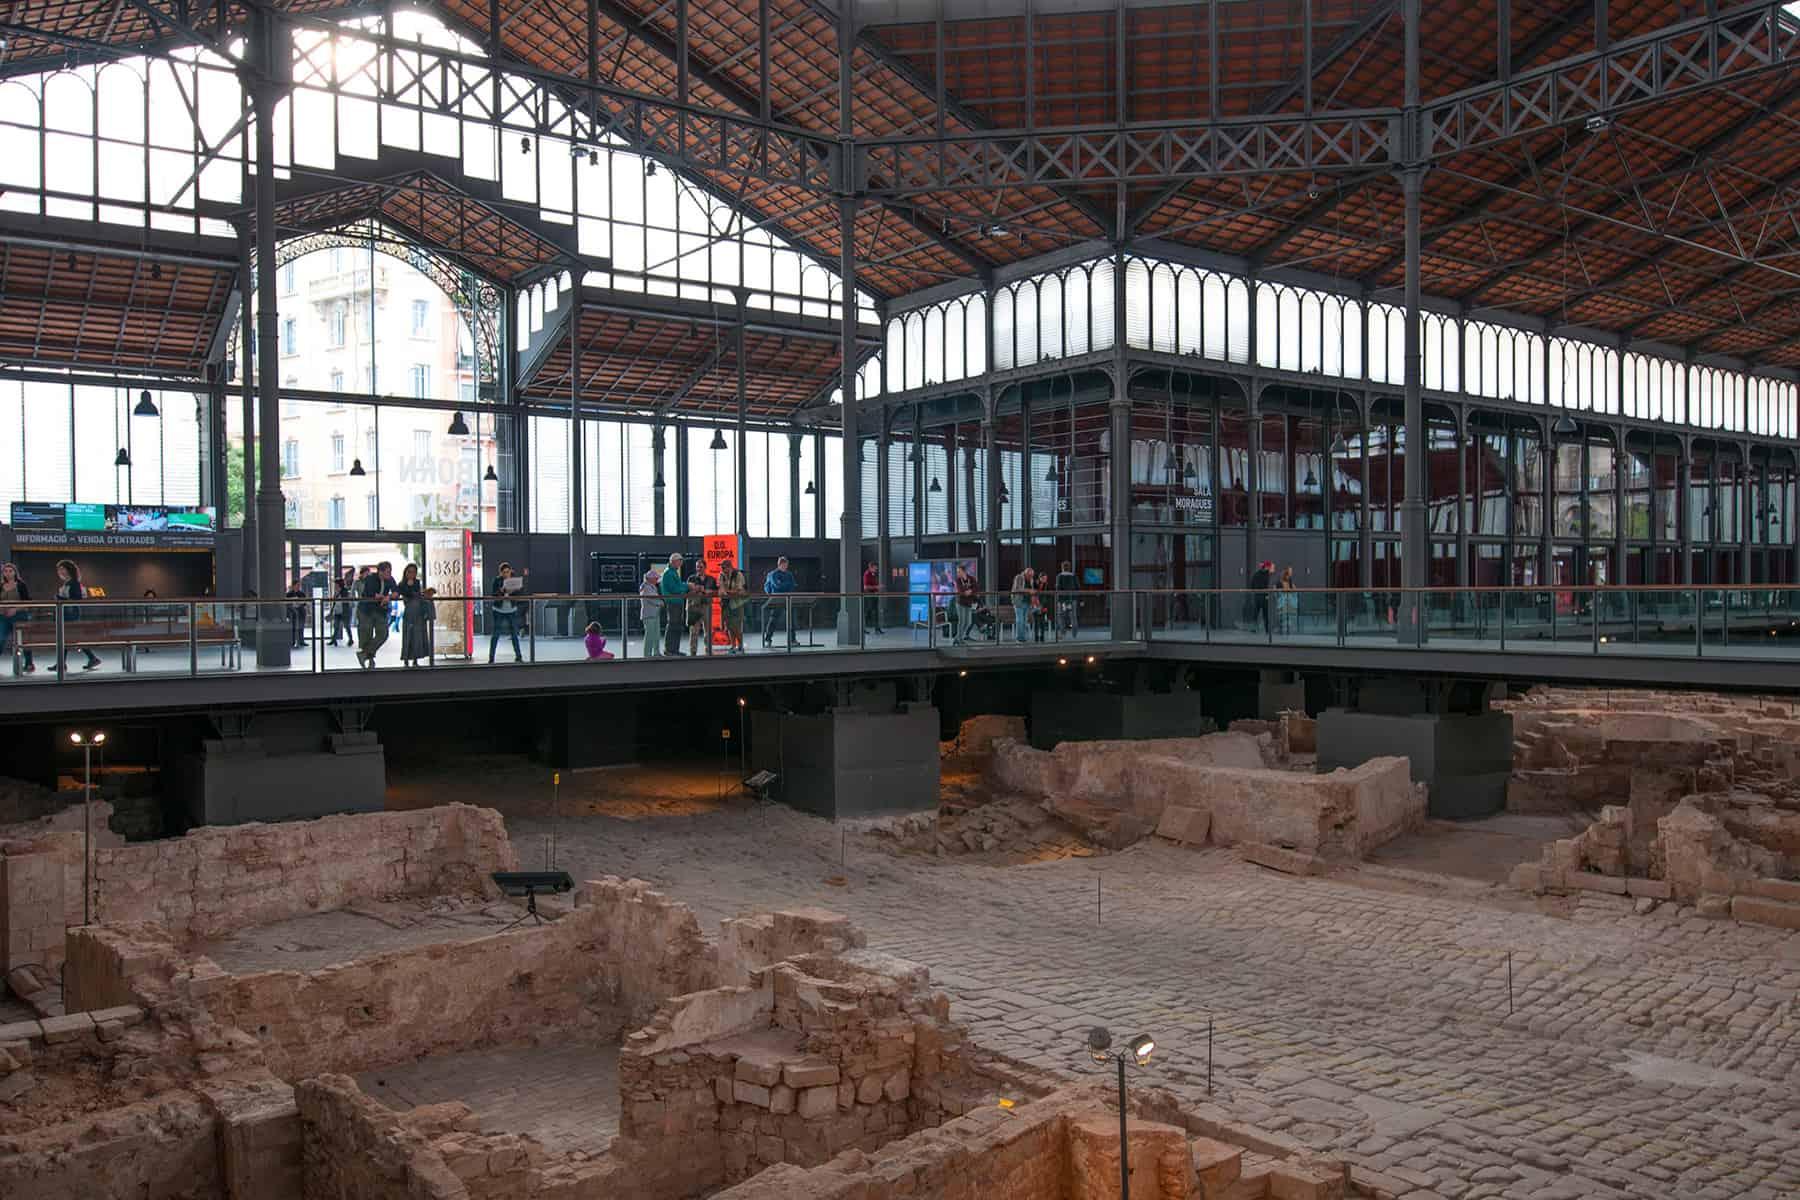 el born ccm history museum